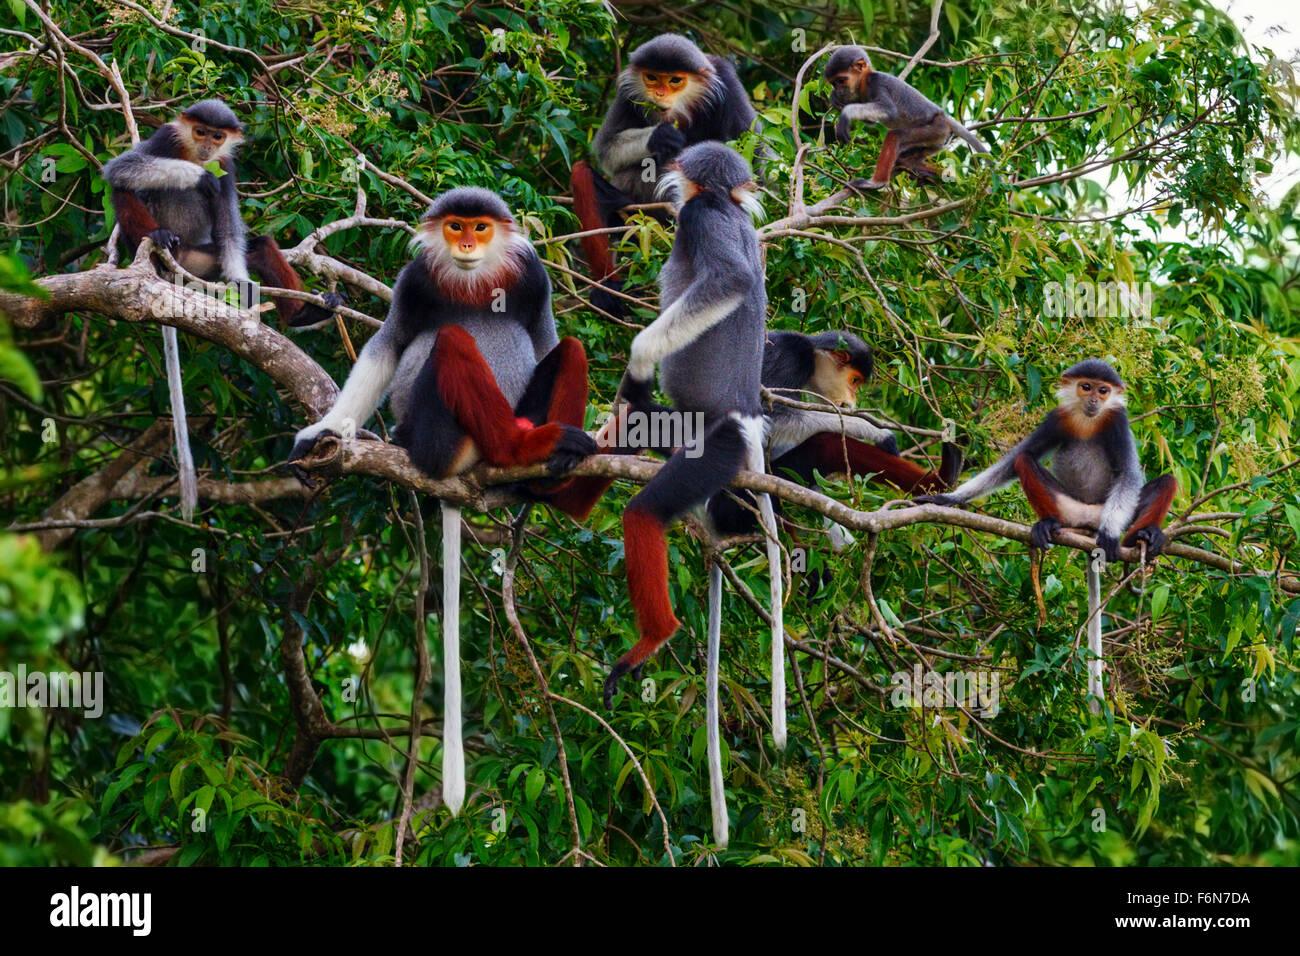 Rosso-shanked douc famiglia gruppo alimentare nella tettoia al figlio tra la riserva naturale in Vietnam Immagini Stock